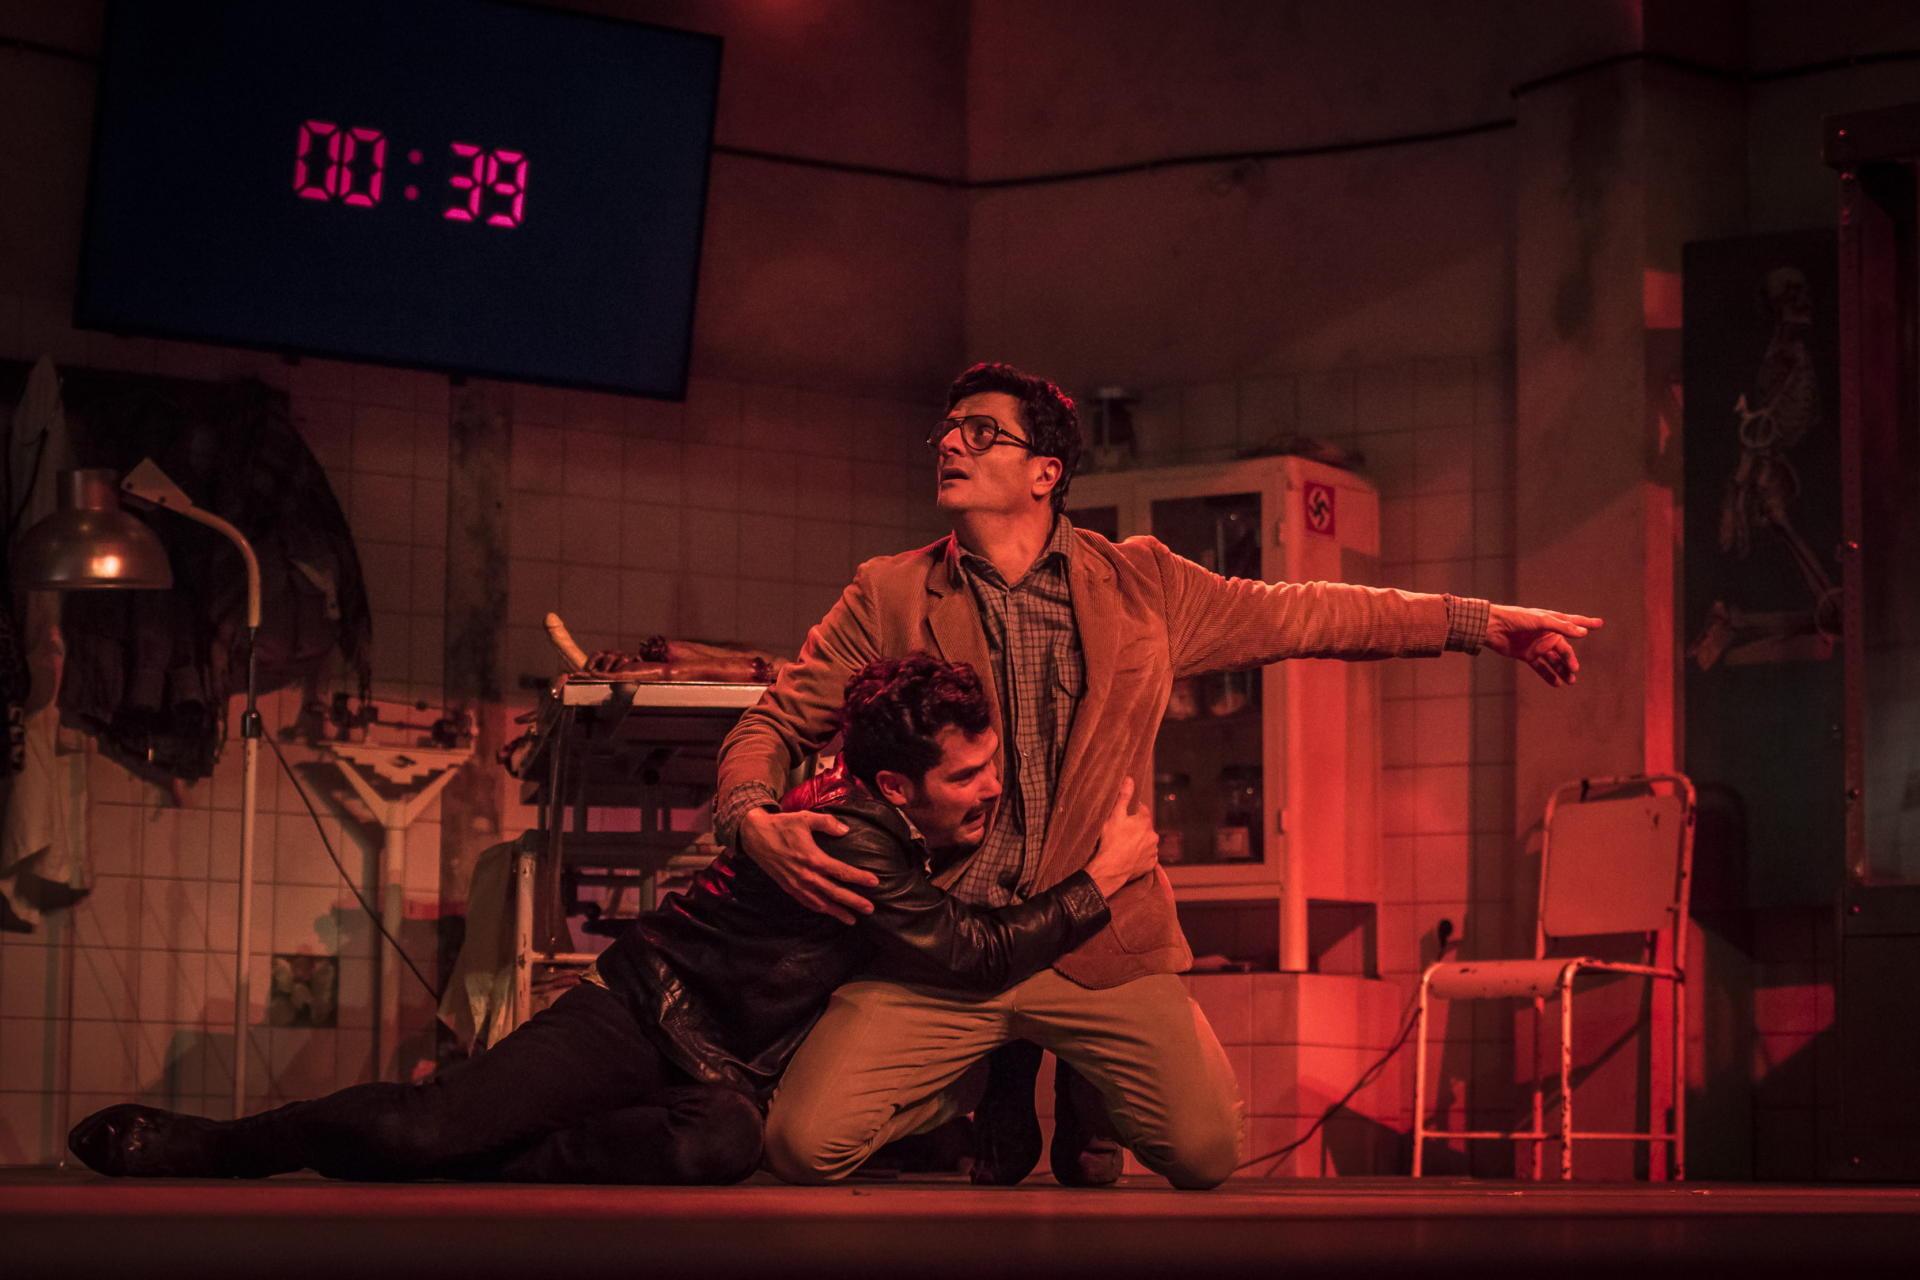 'Escape room', al Goya, ha tingut més de 30.000 espectadors